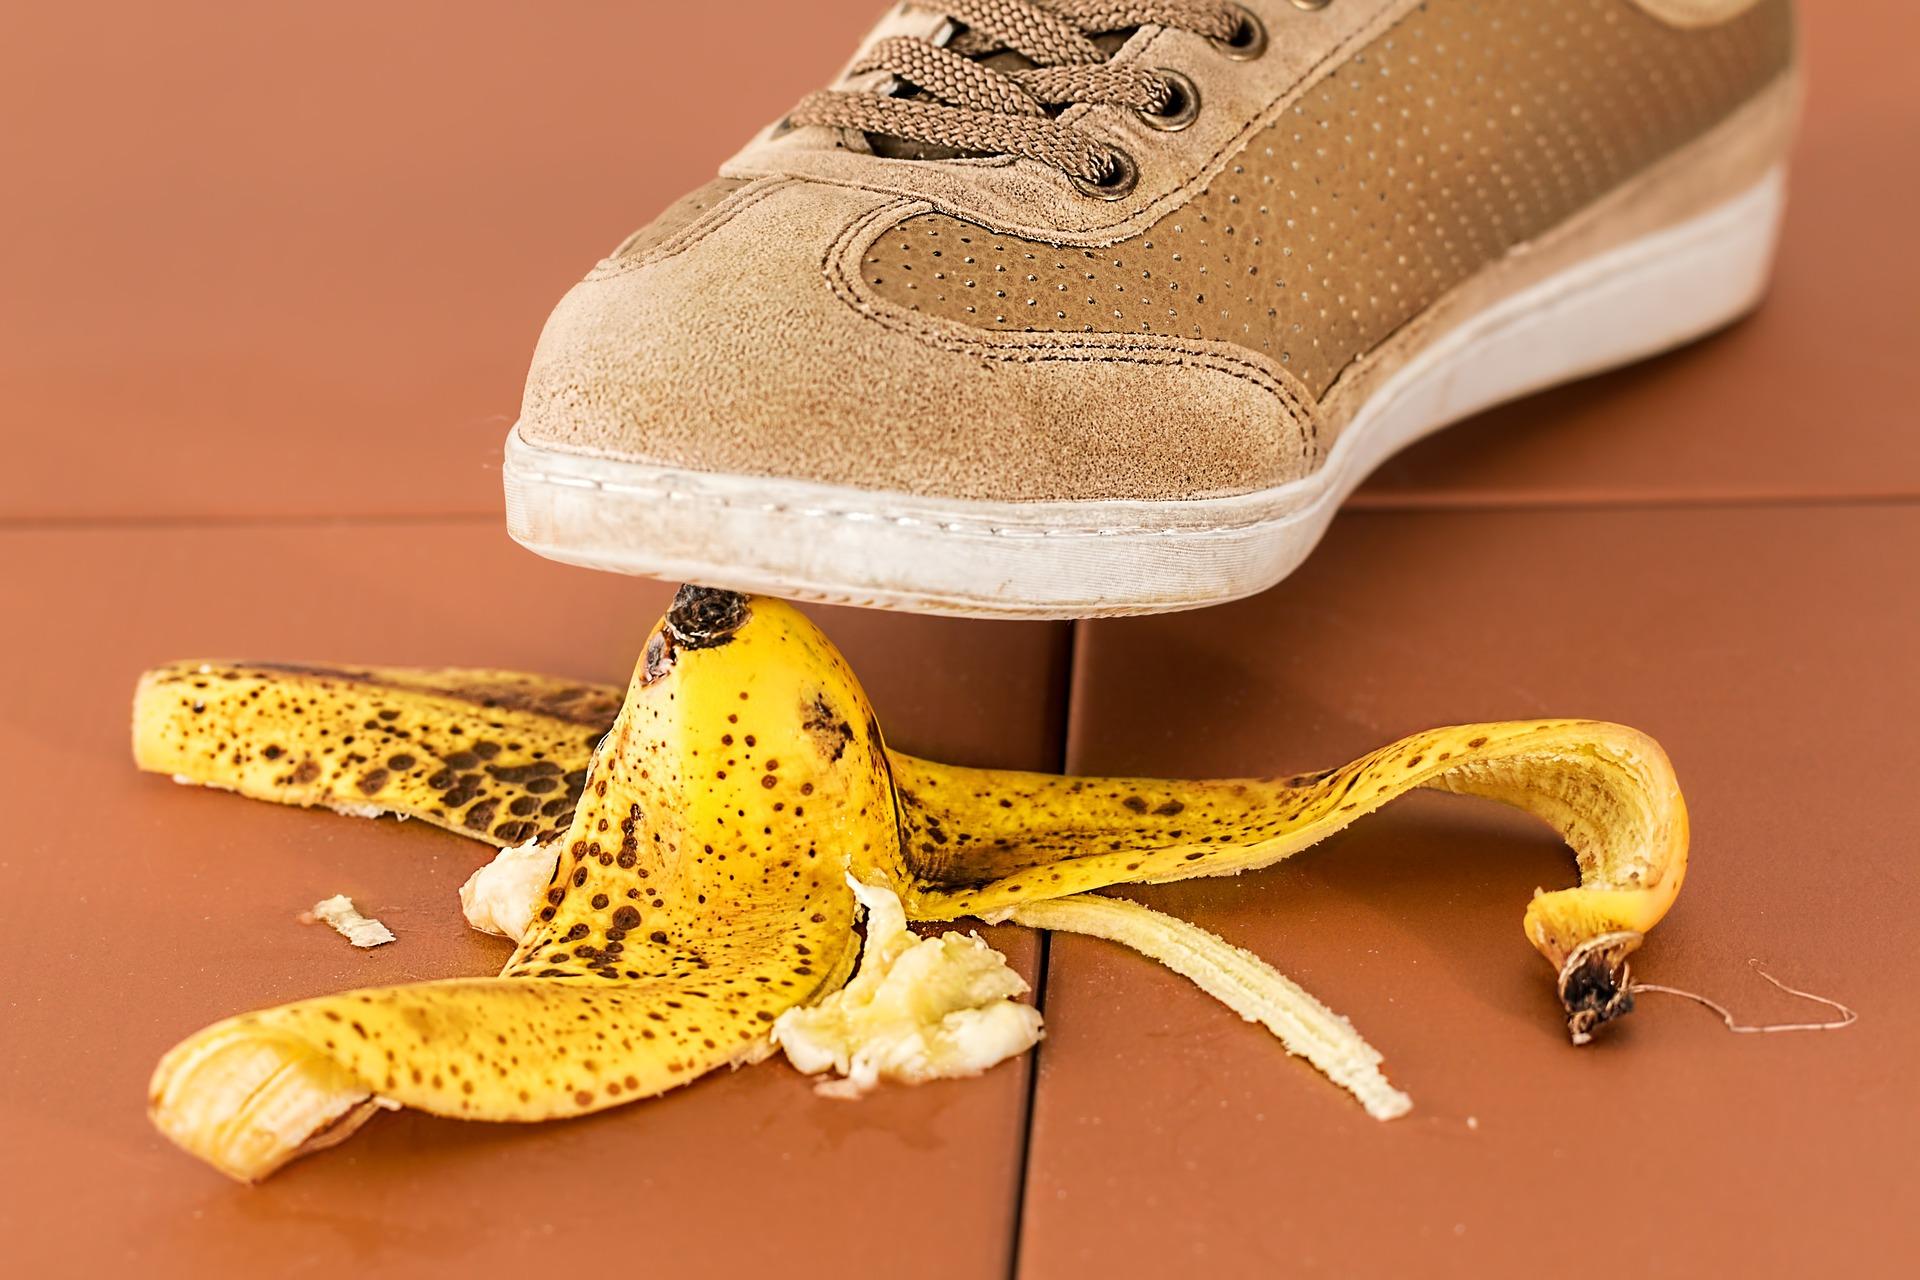 バナナの皮で踏んでいる画像